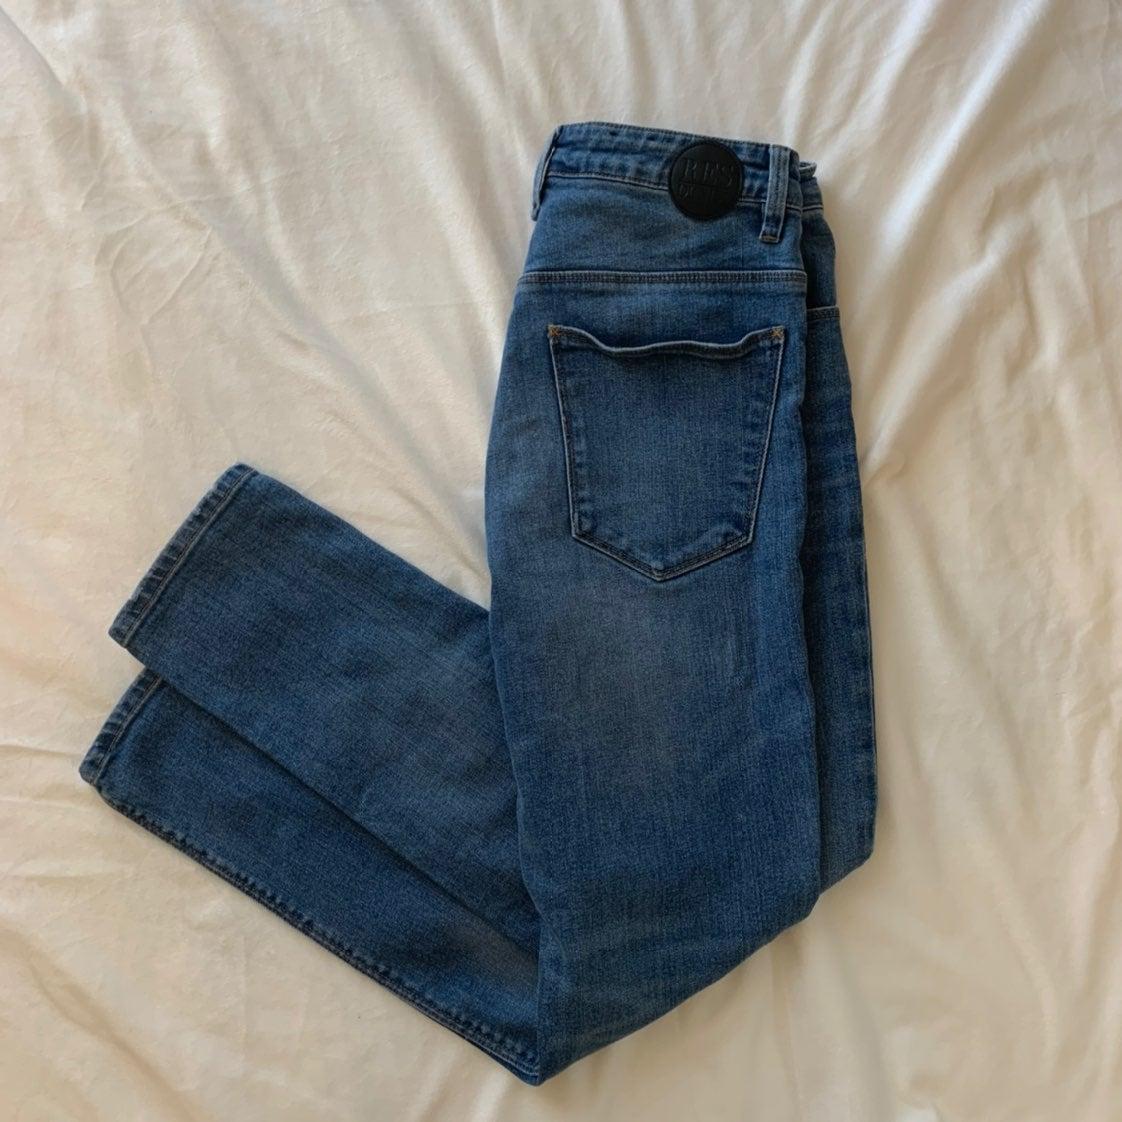 RES denim wanda jeans 26